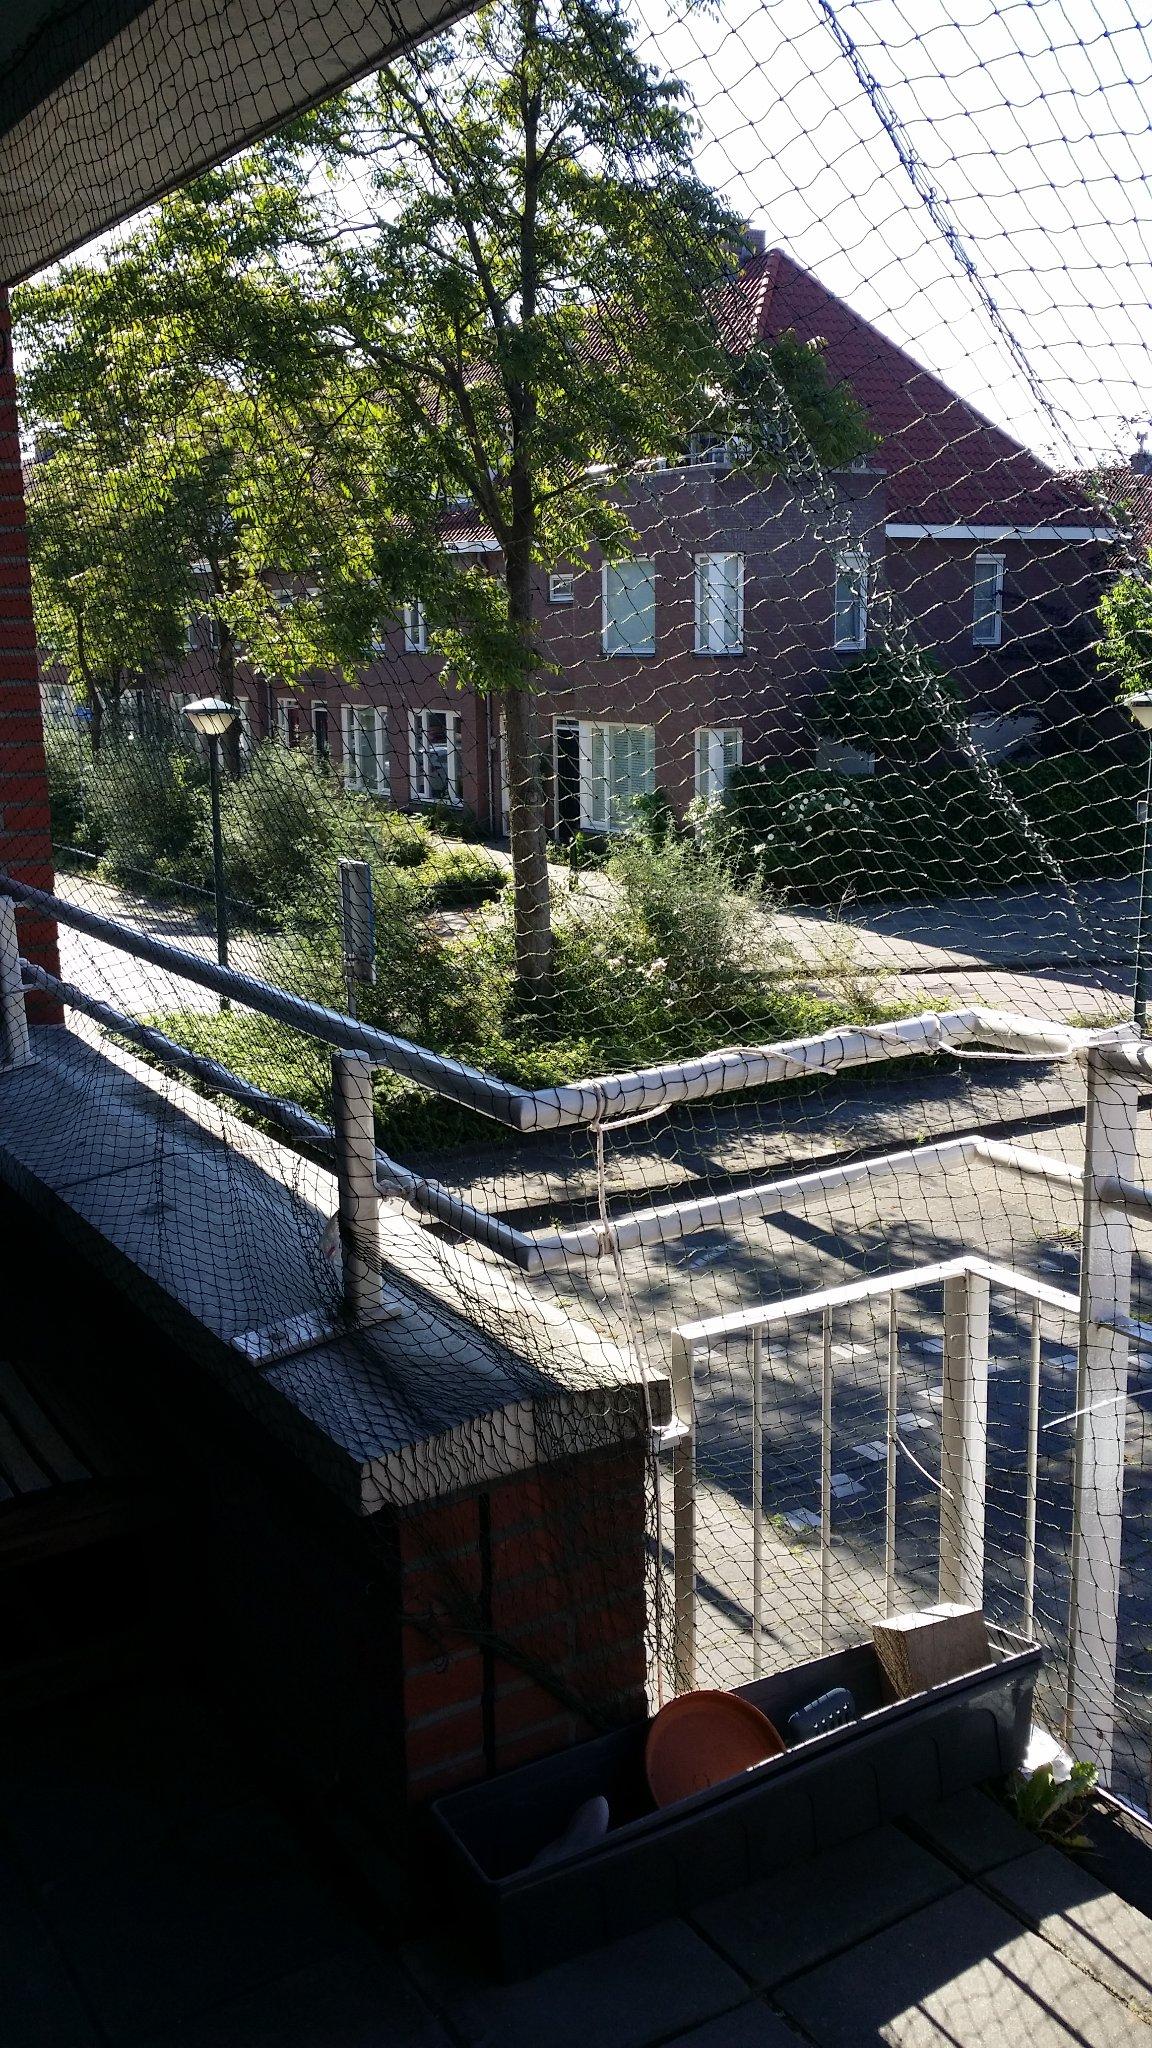 Houten constructie op het balkon om kattennet te plaatsen for Vlizotrap plaatsen